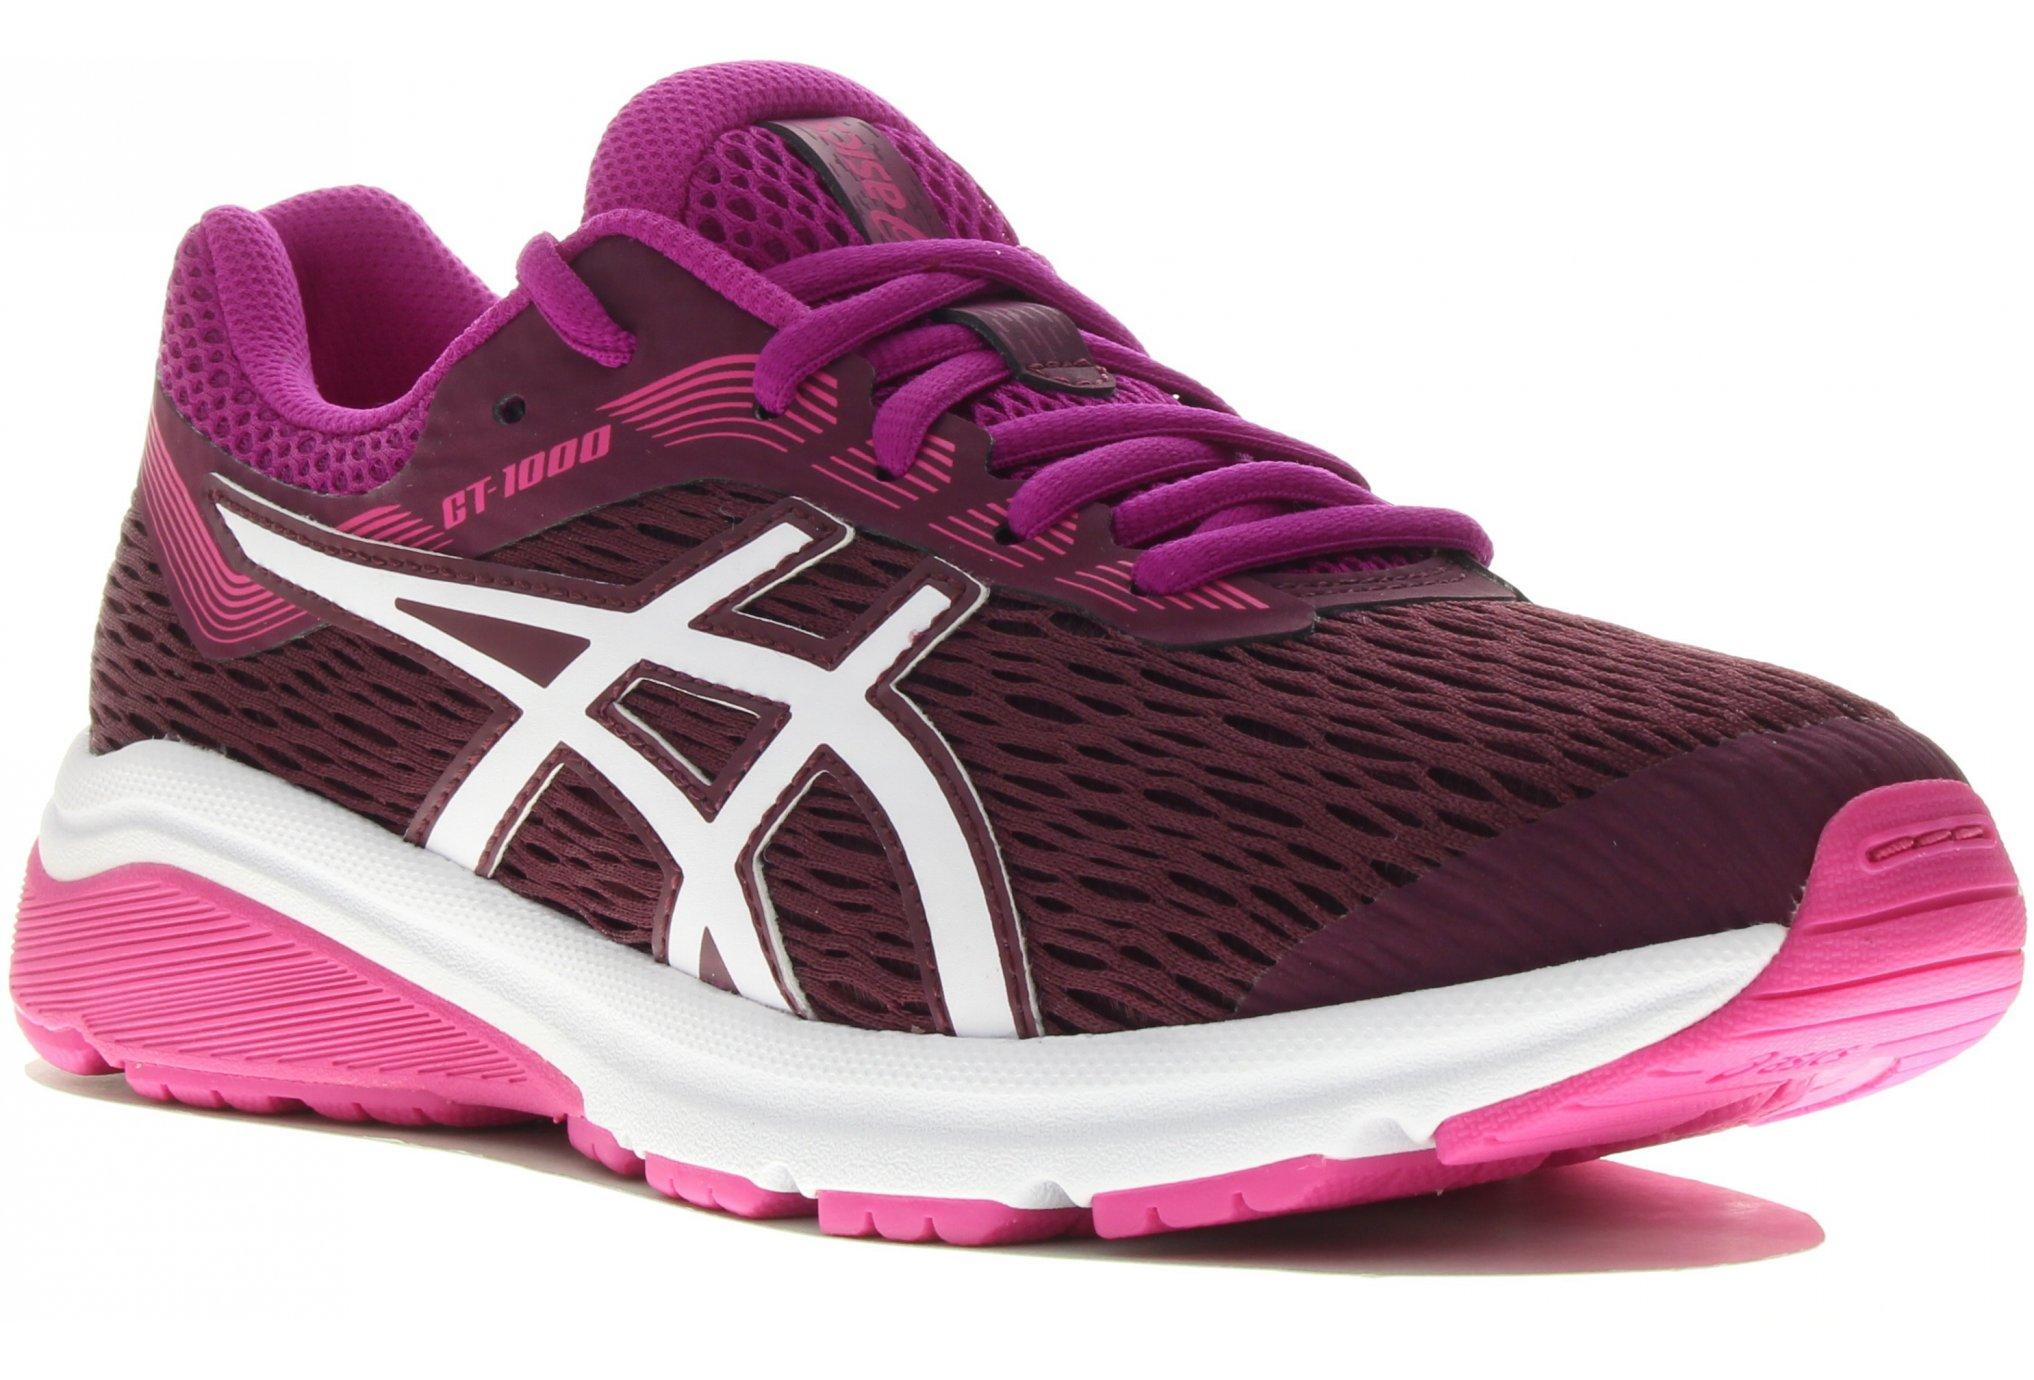 Asics GT-1000 7 GS Chaussures running femme